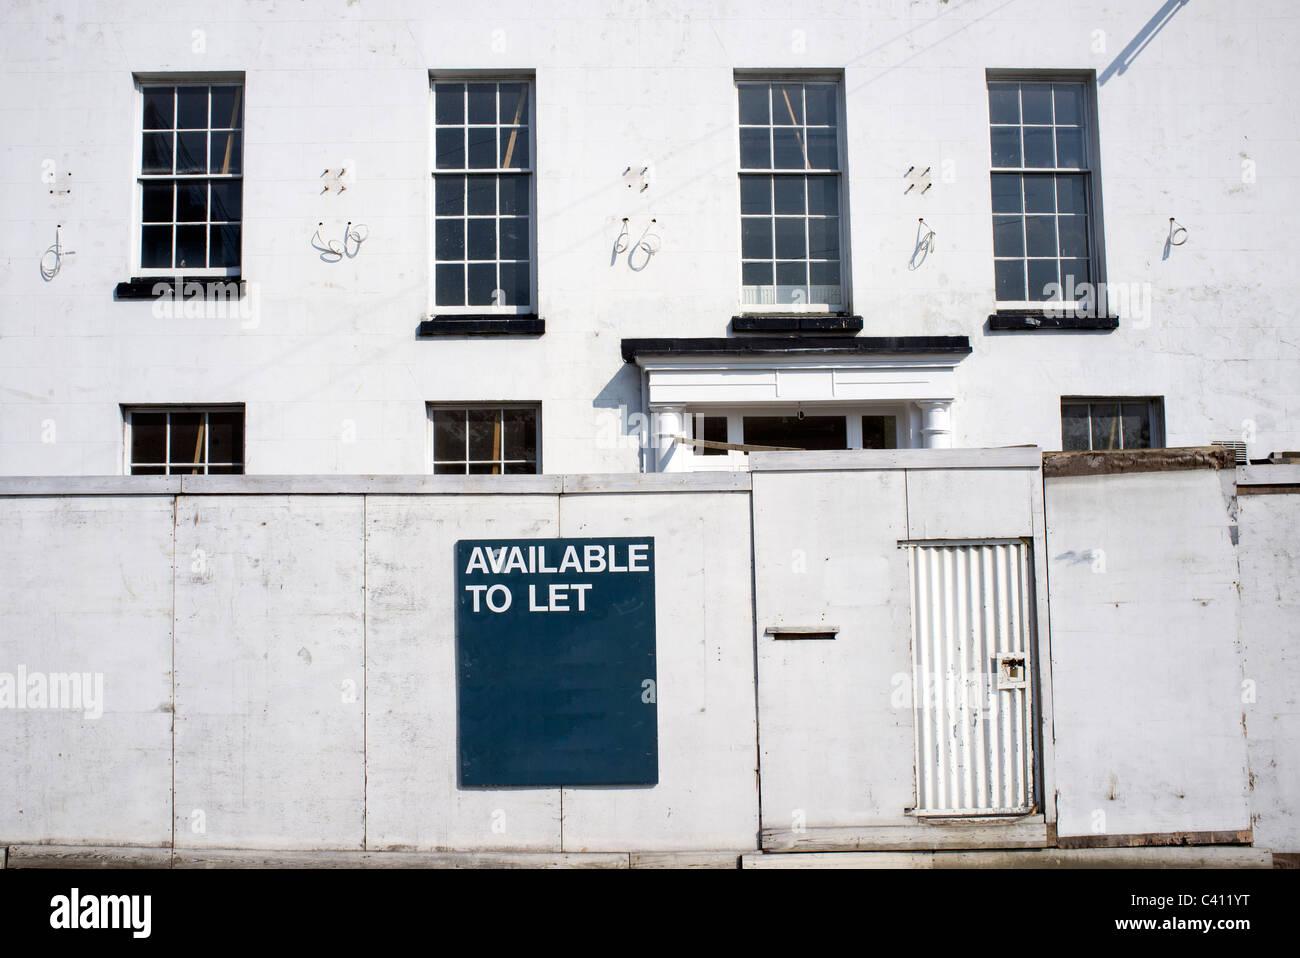 Residenza georgiana disponibile per consentire Immagini Stock